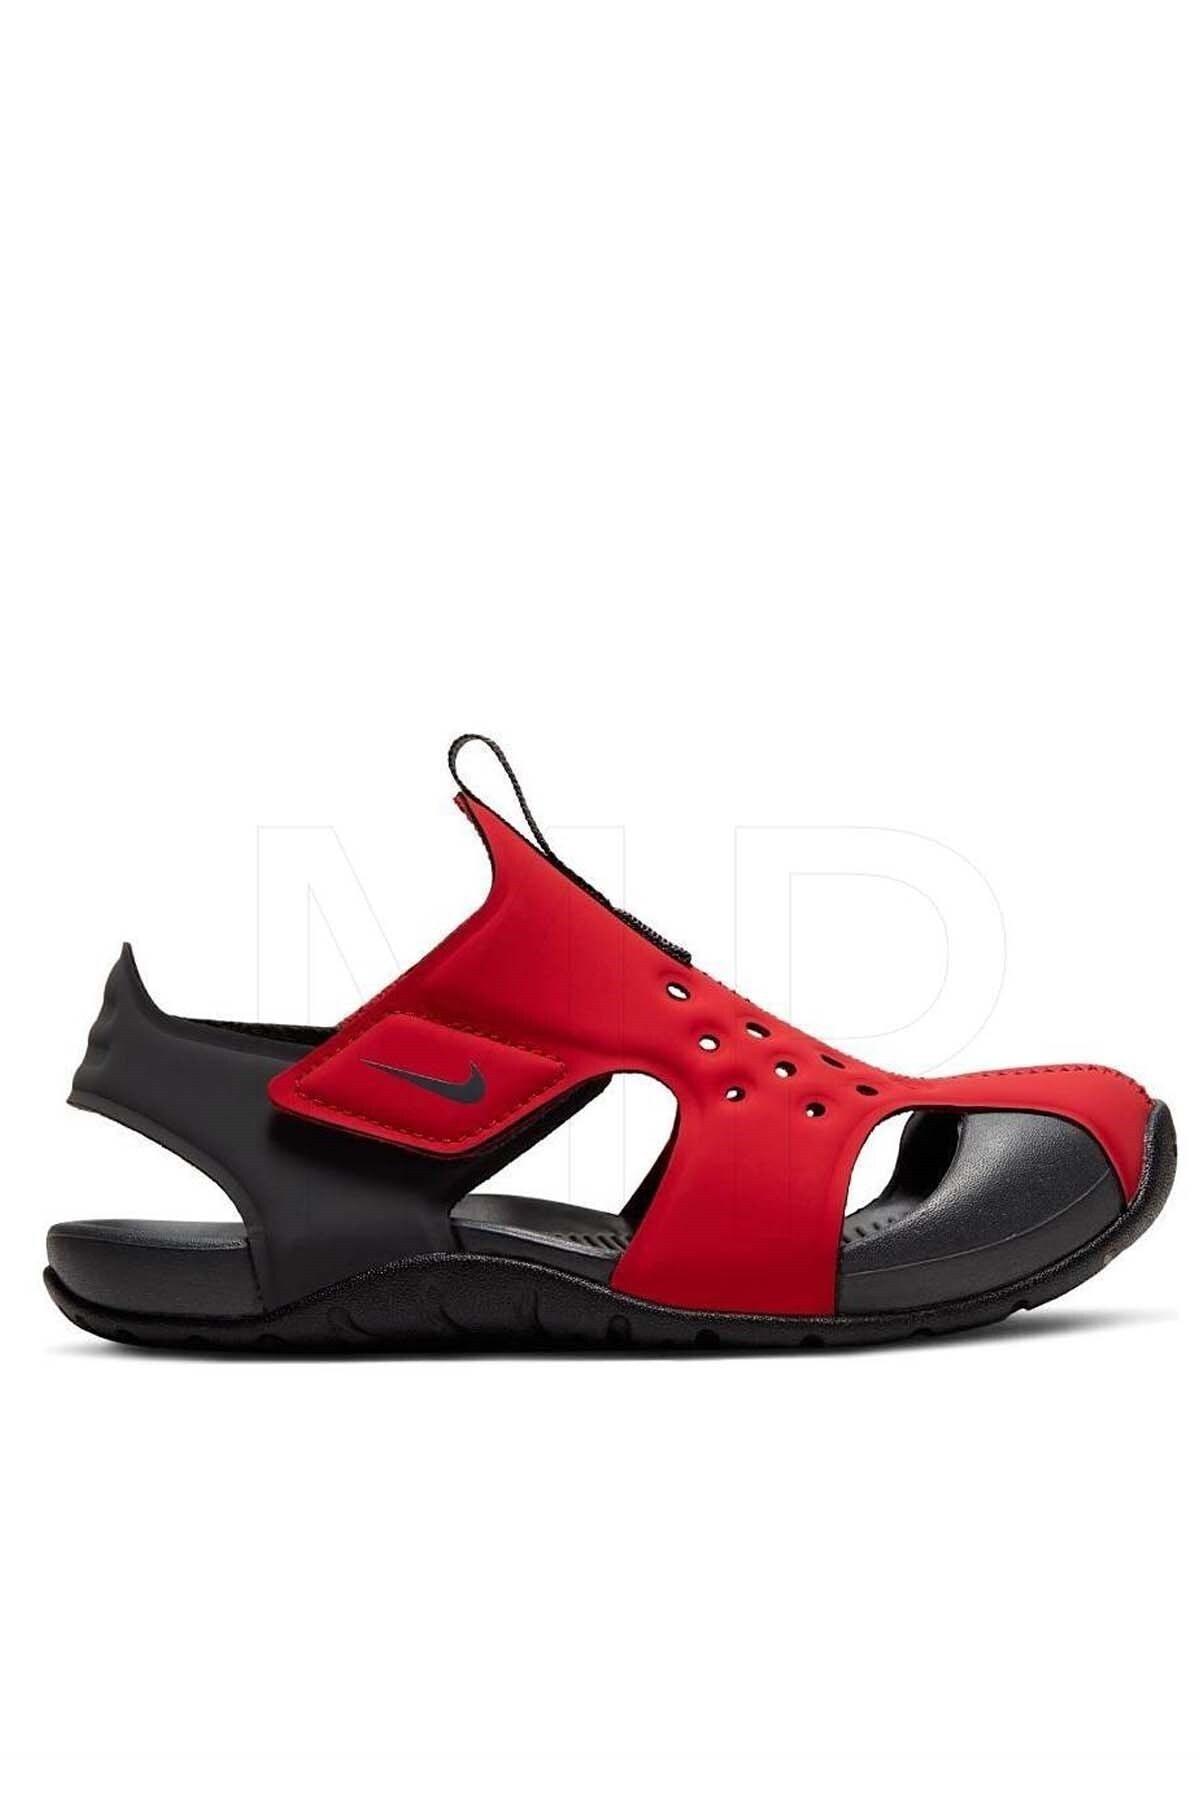 Nike Unisex Çocuk Kırmızı Sandalet Ayakkabı 943826-603 Sunray Protect 2 ps 1